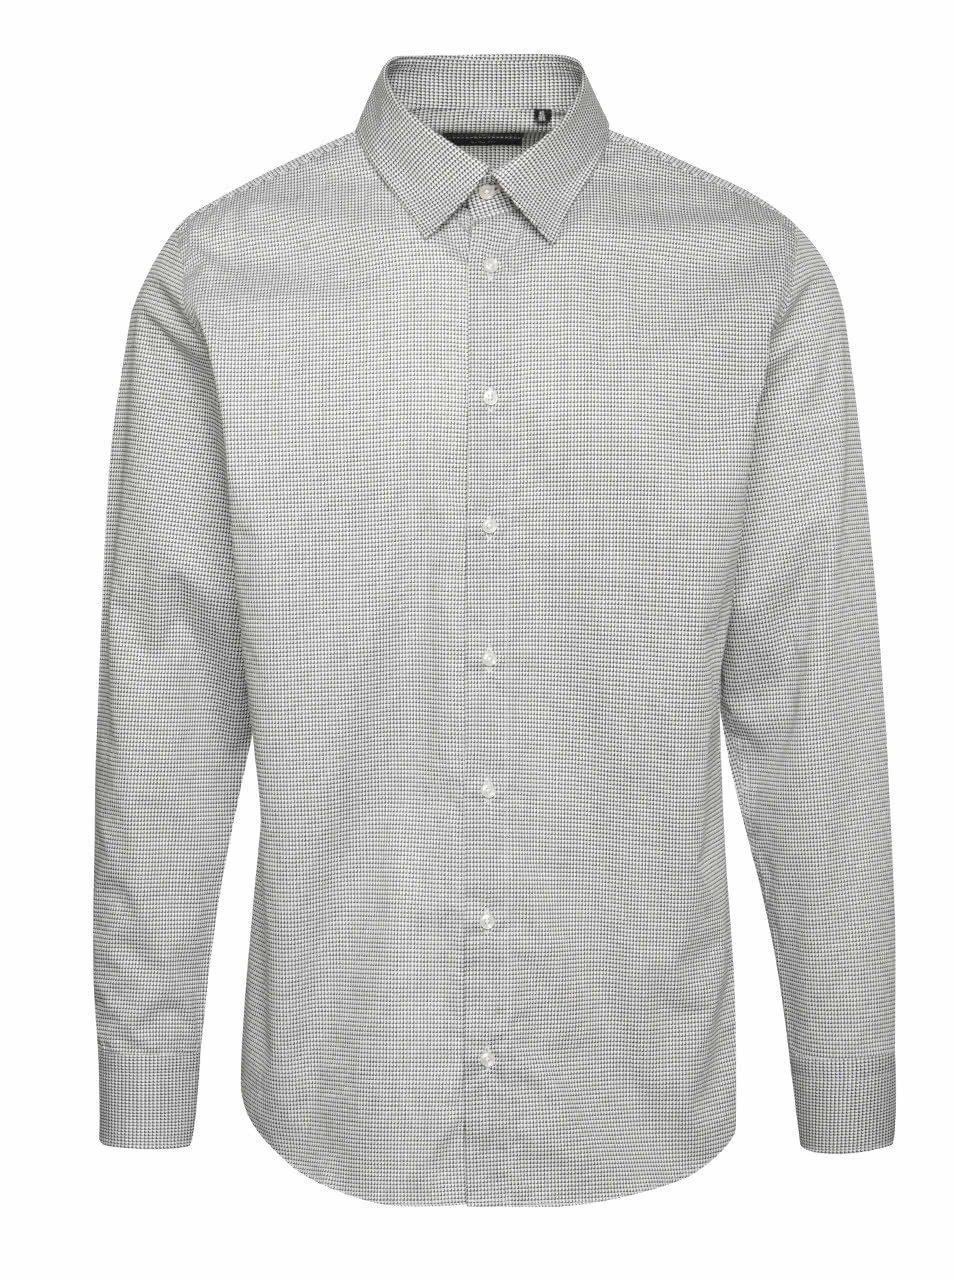 Šedá pánská vzorovaná slim fit košile Pietro Filipi